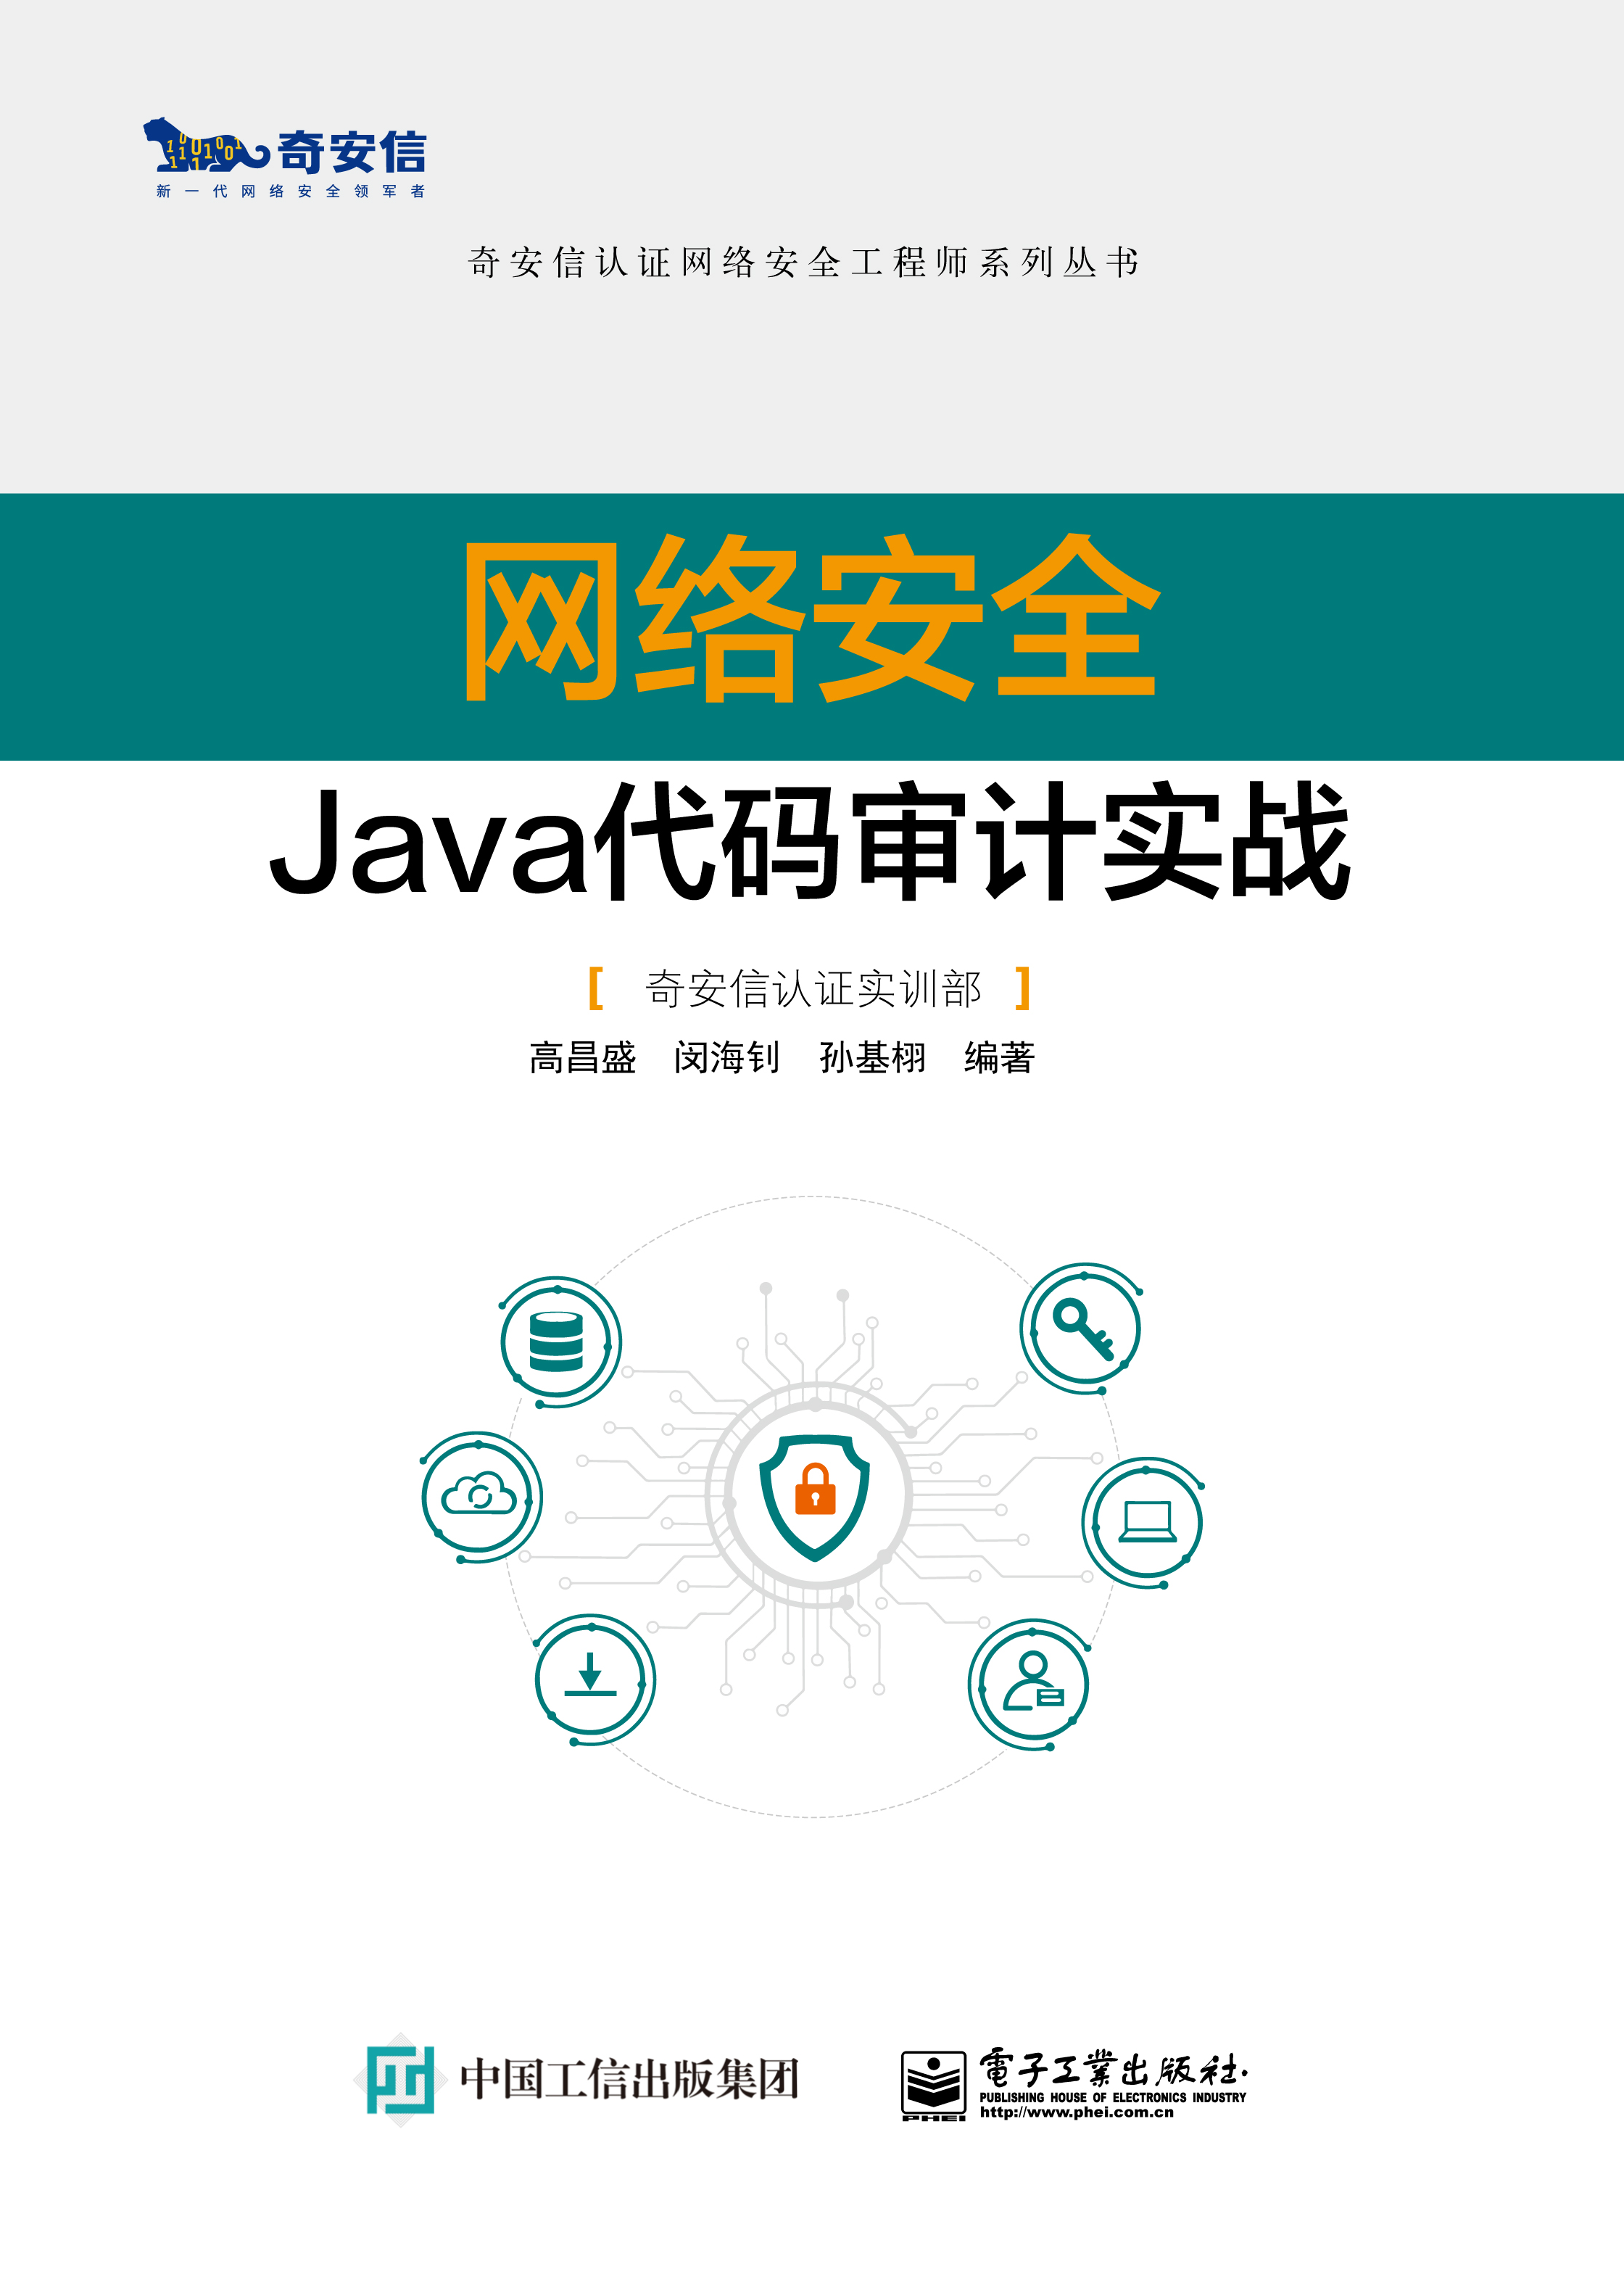 《网络安全java代码审计实战》